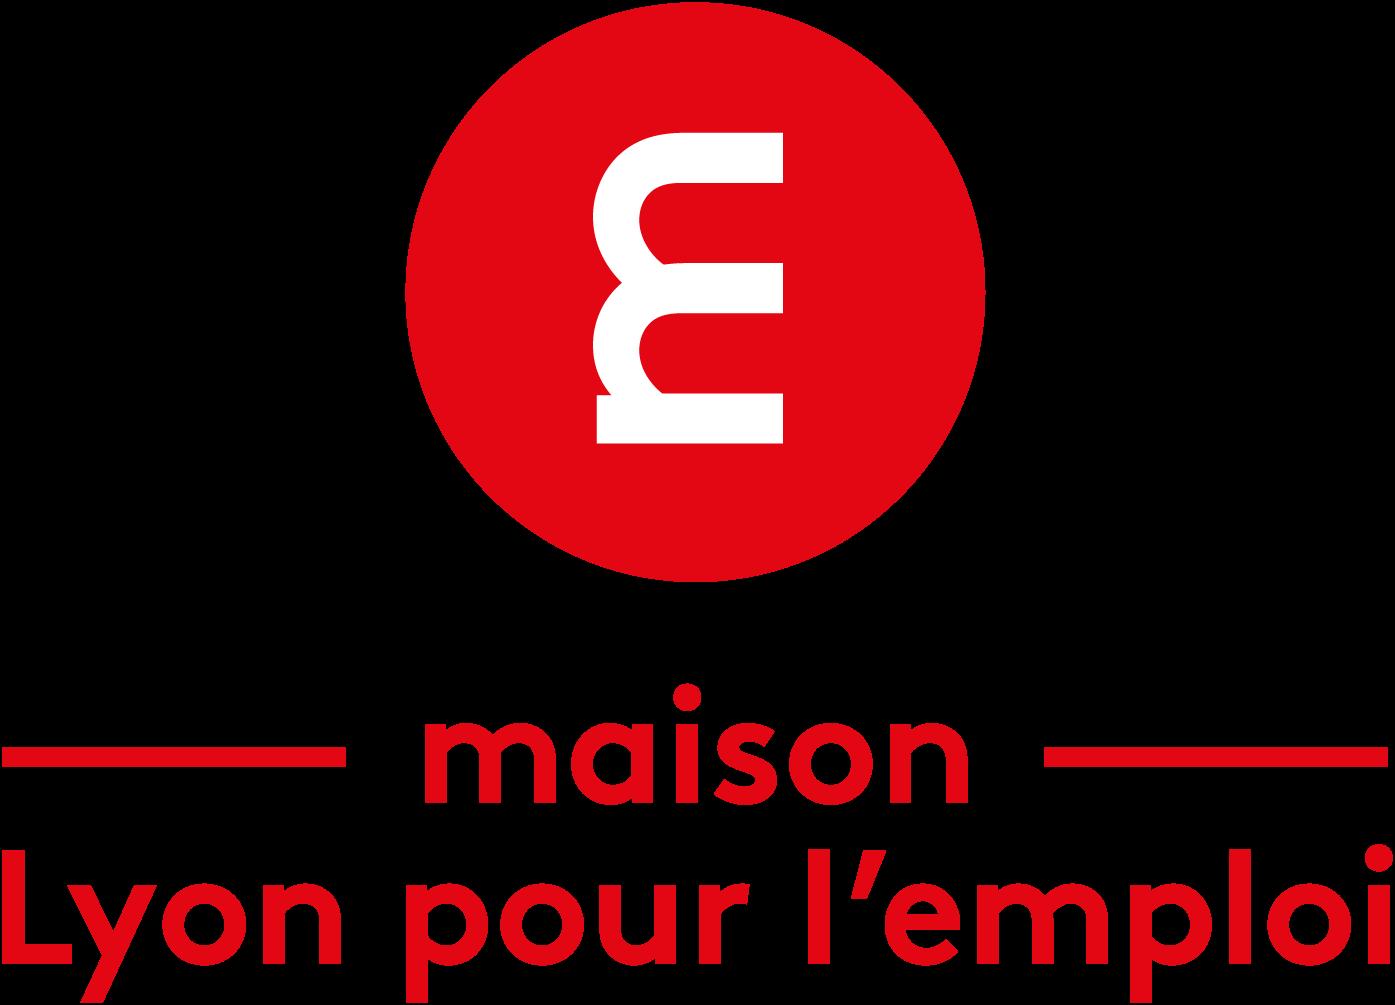 Logo_maison_Lyon_pour_l_emploi